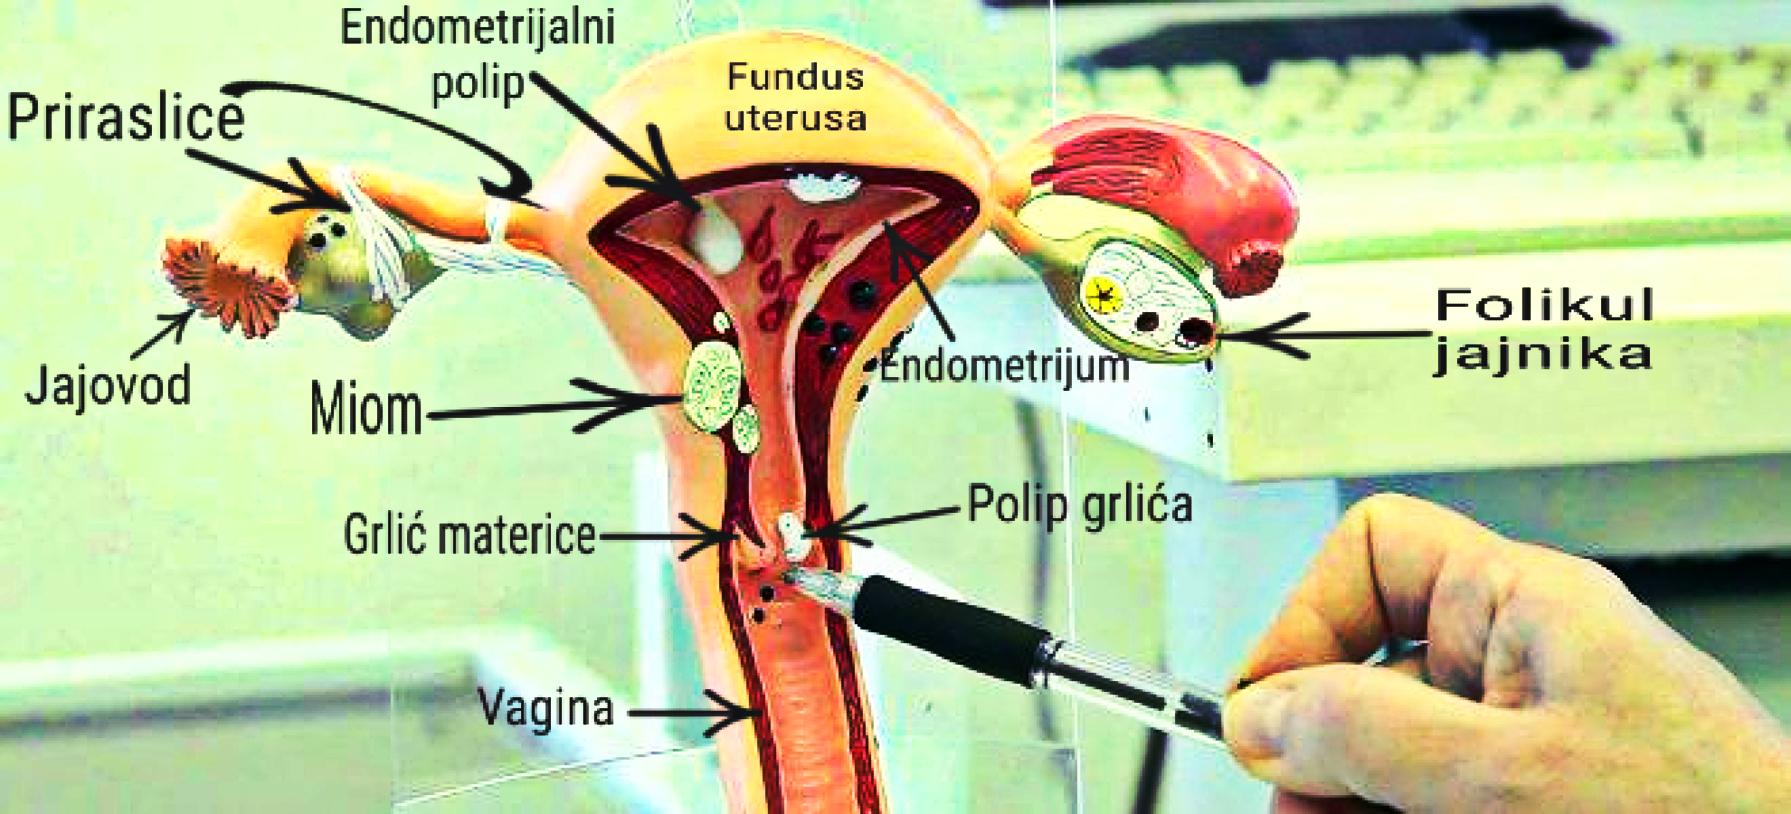 vrste ginekoloskih polipa